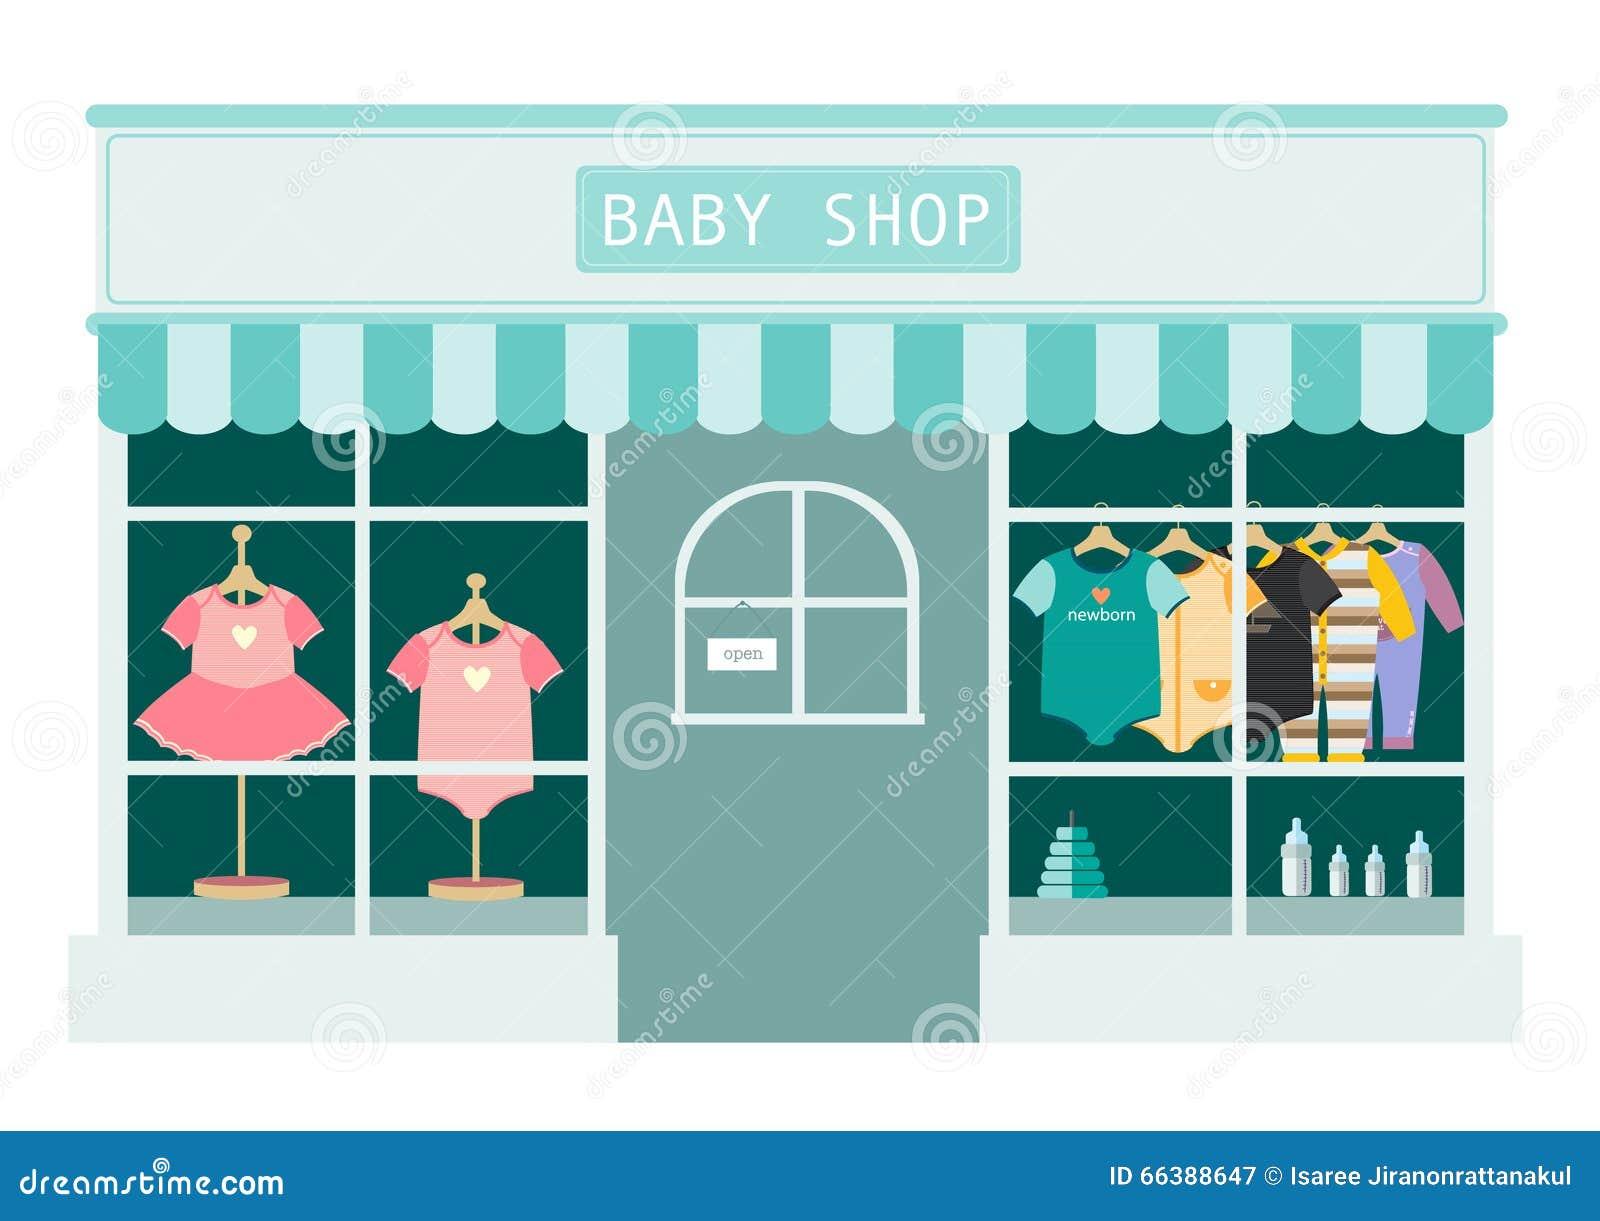 Children's clothes shops online